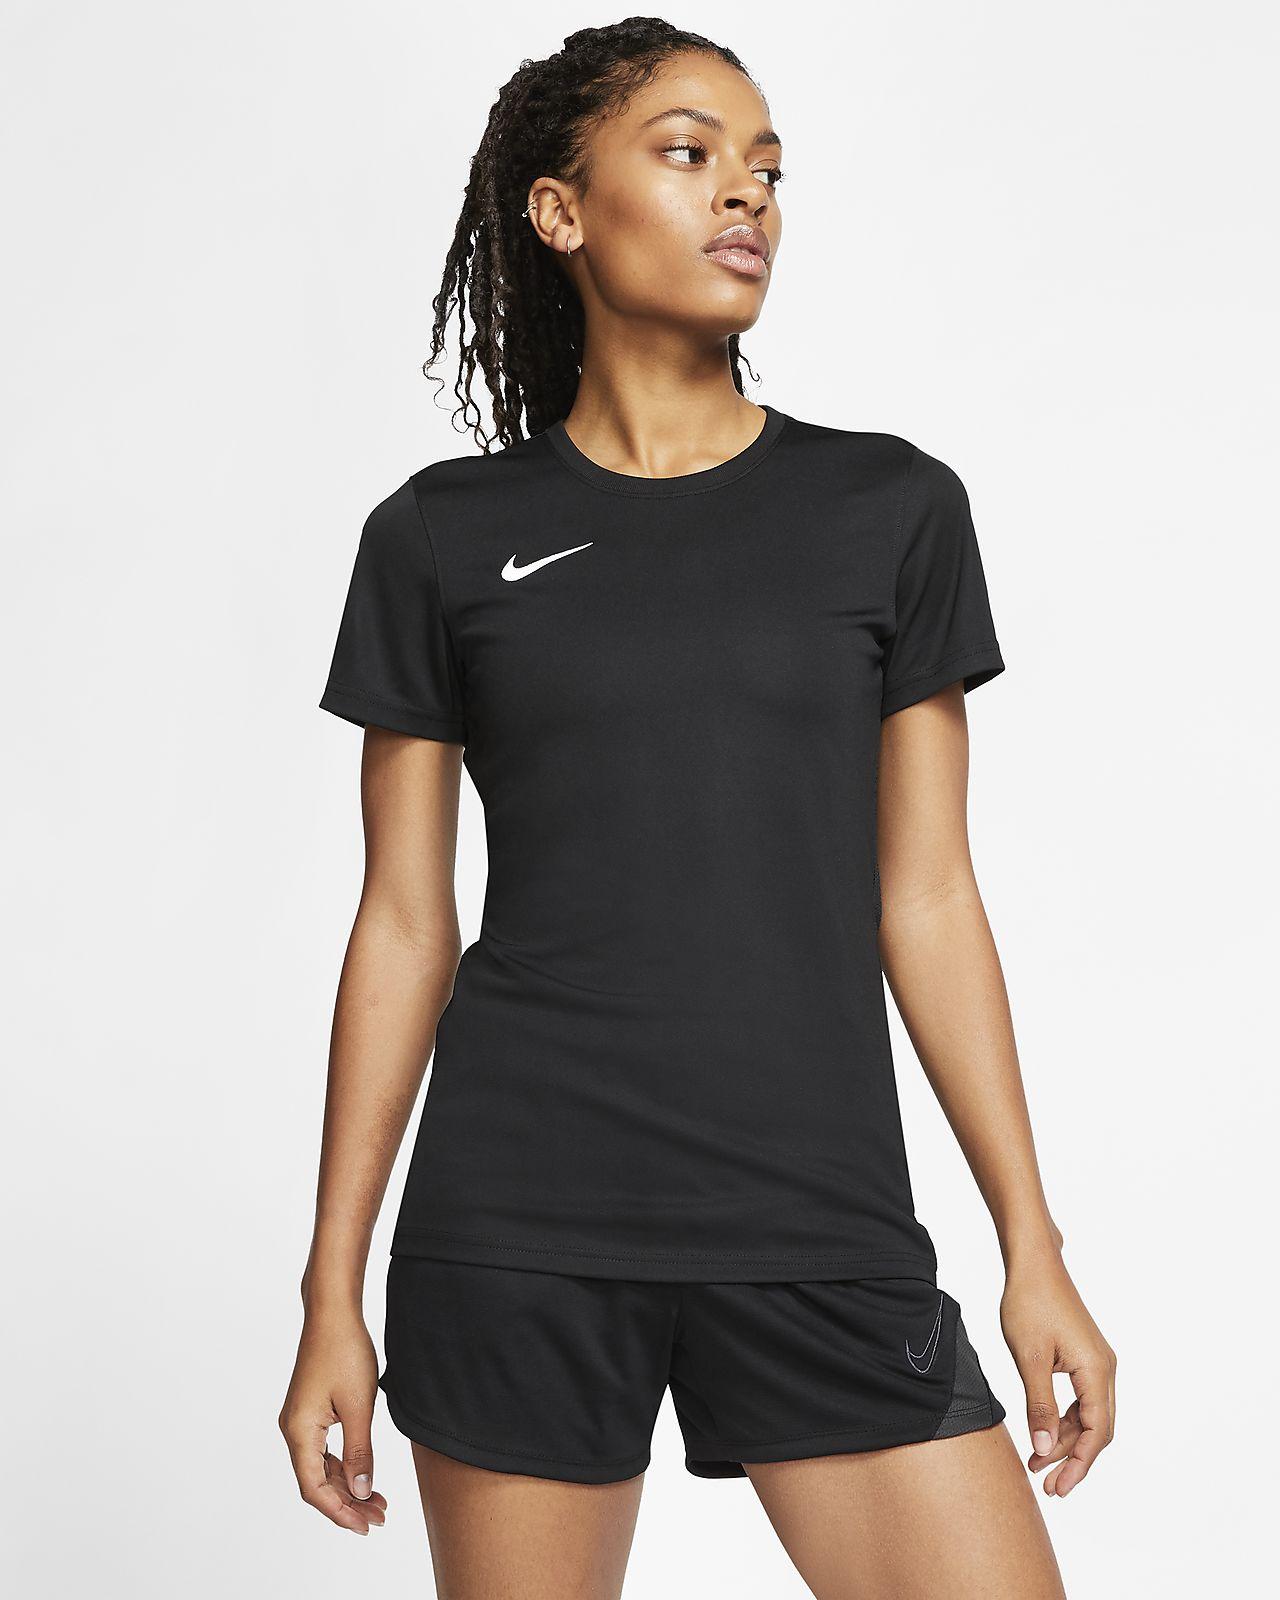 Fotbollströja Nike Dri-FIT Park 7 för kvinnor